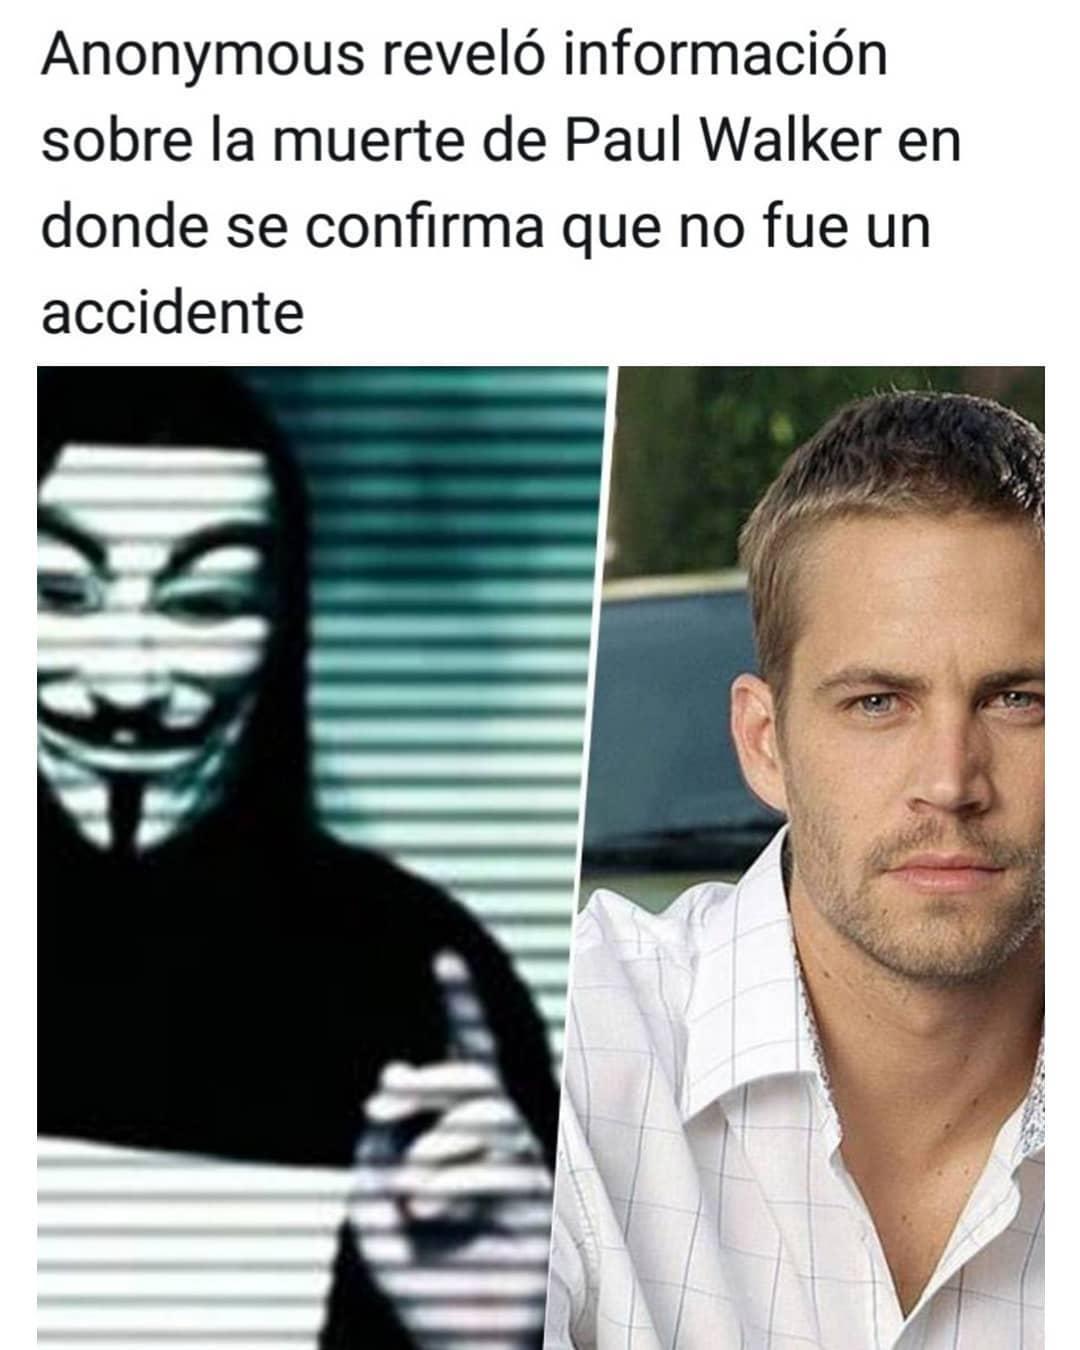 Anonymous reveló información sobre la muerte de Paul Walker en donde se confirma que no fue un accidente.